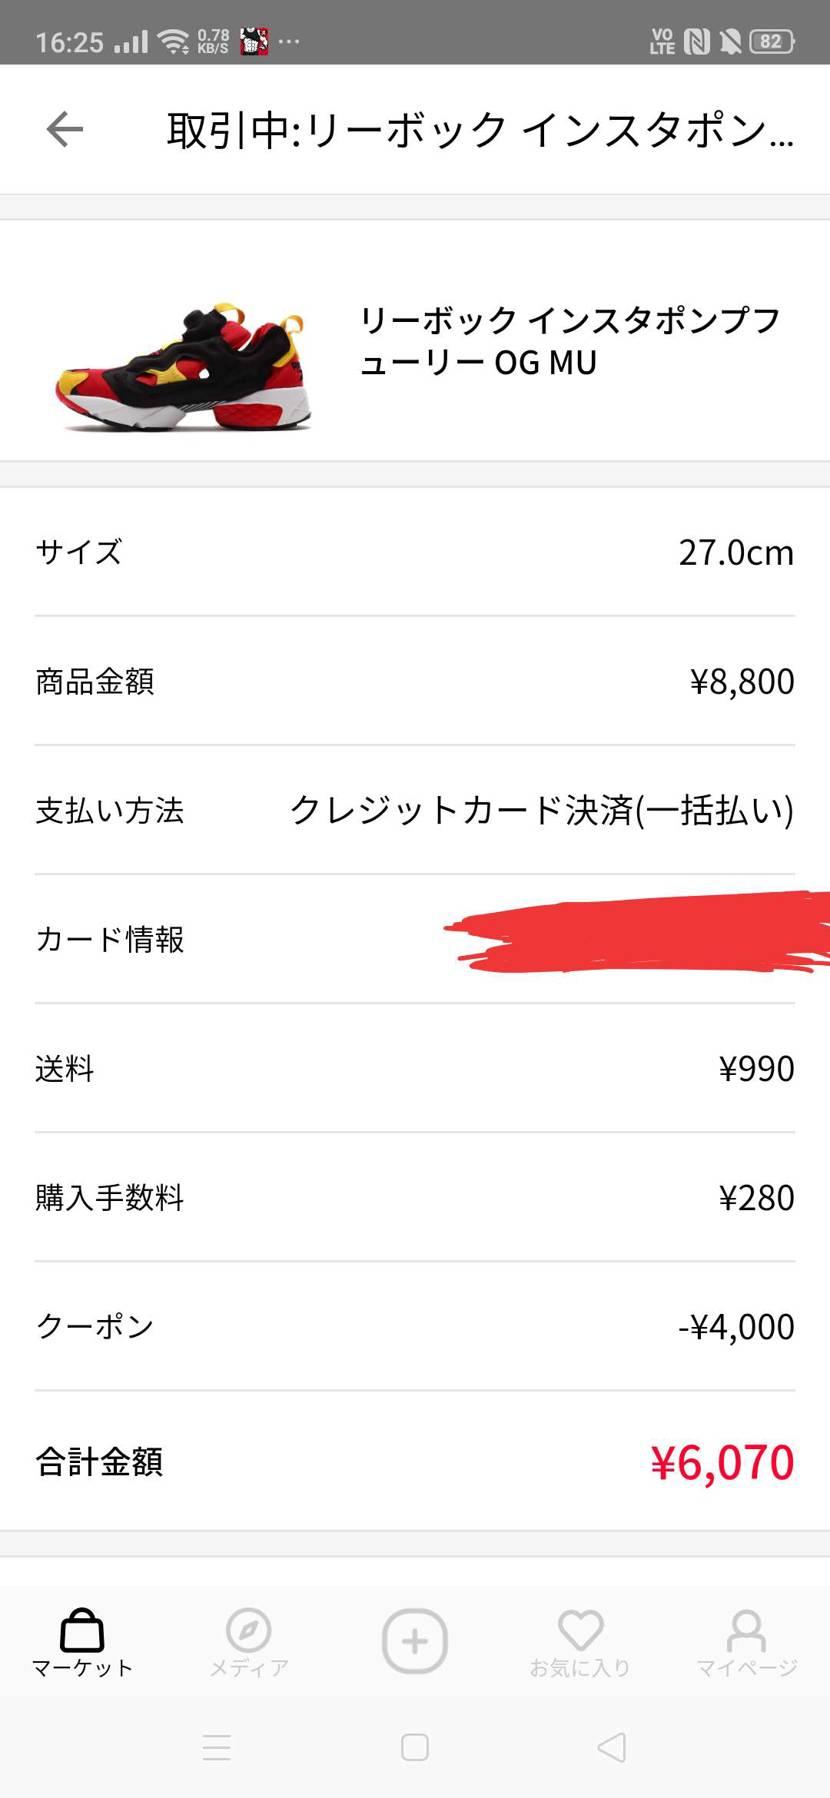 これはお買い得! 人気とか関係なーい ただ送料がかかるから実質3000円引きかー